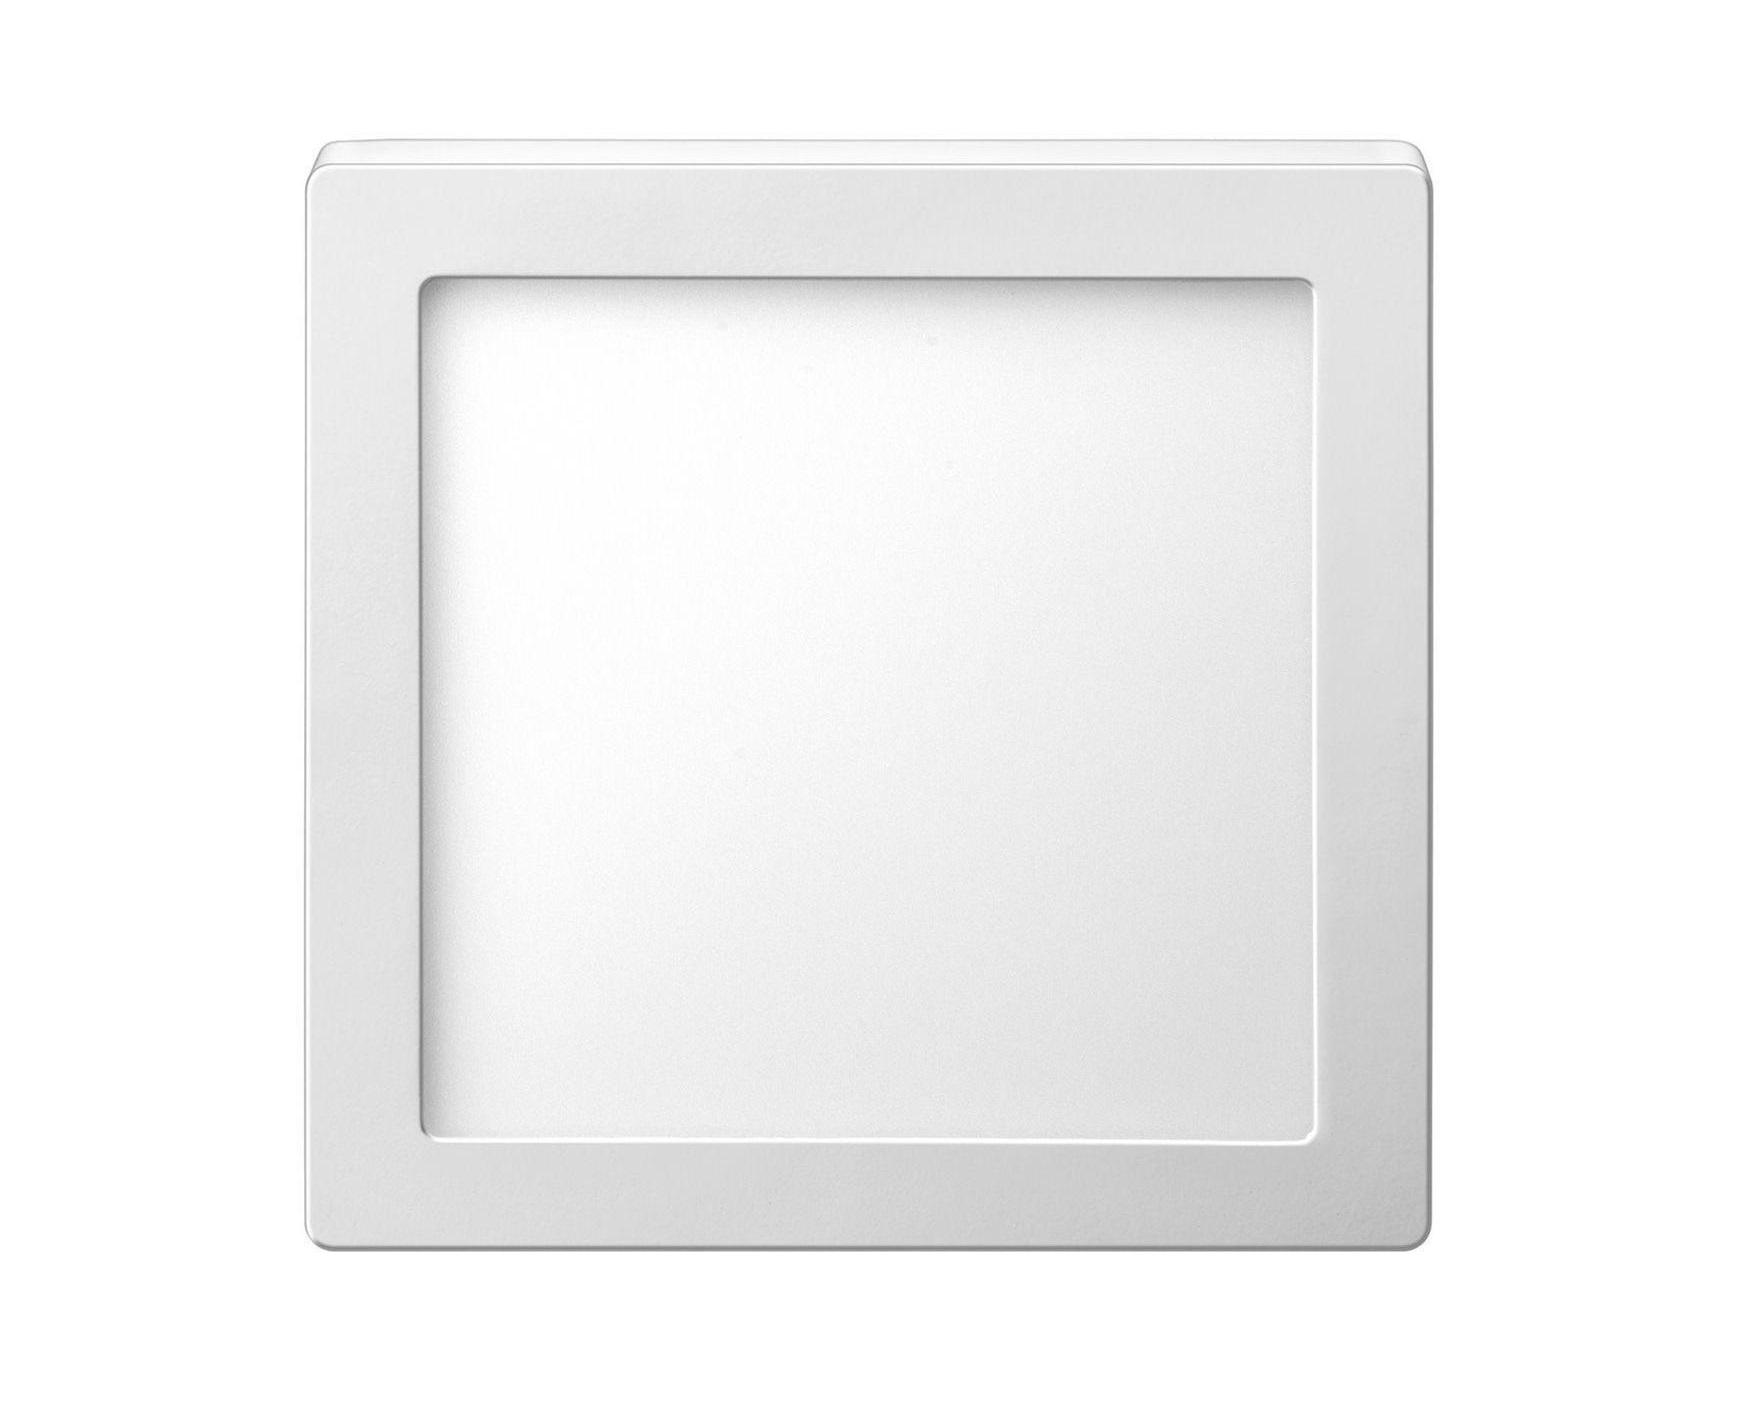 Luminária painel Led de embutir quadrada 18W 6500K Fria bivolt Elgin  - Mix Eletro